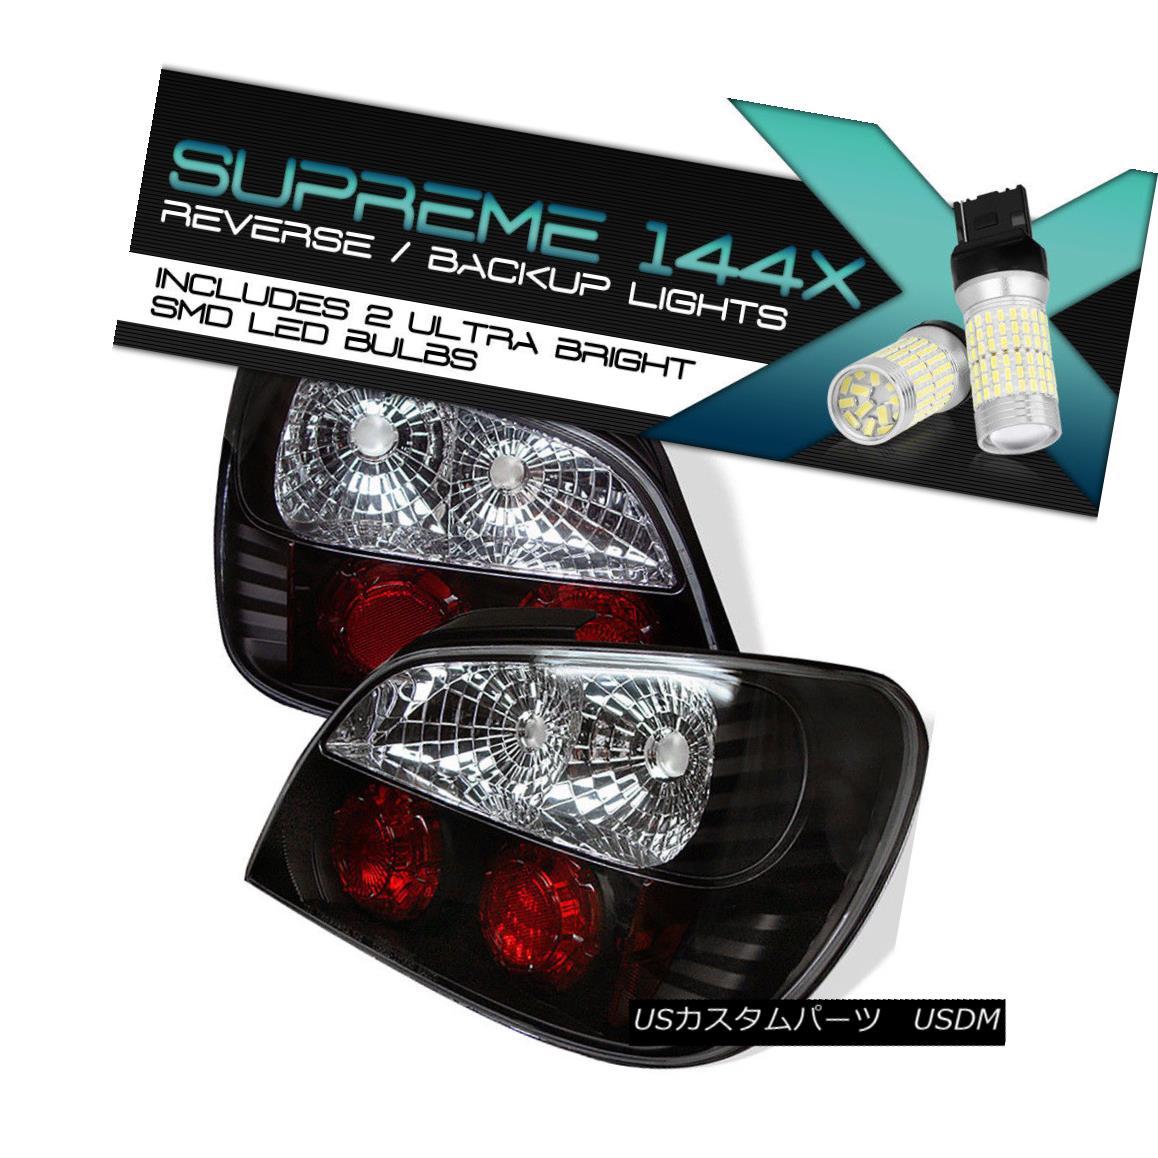 テールライト {360 Degree SMD Backup} JDM Black Tail Light For 02-03 Subaru Impreza 4DR 2.5RS {360度SMDバックアップ} JDMブラックテールライト02-03スバルインプレッサ4DR 2.5RS